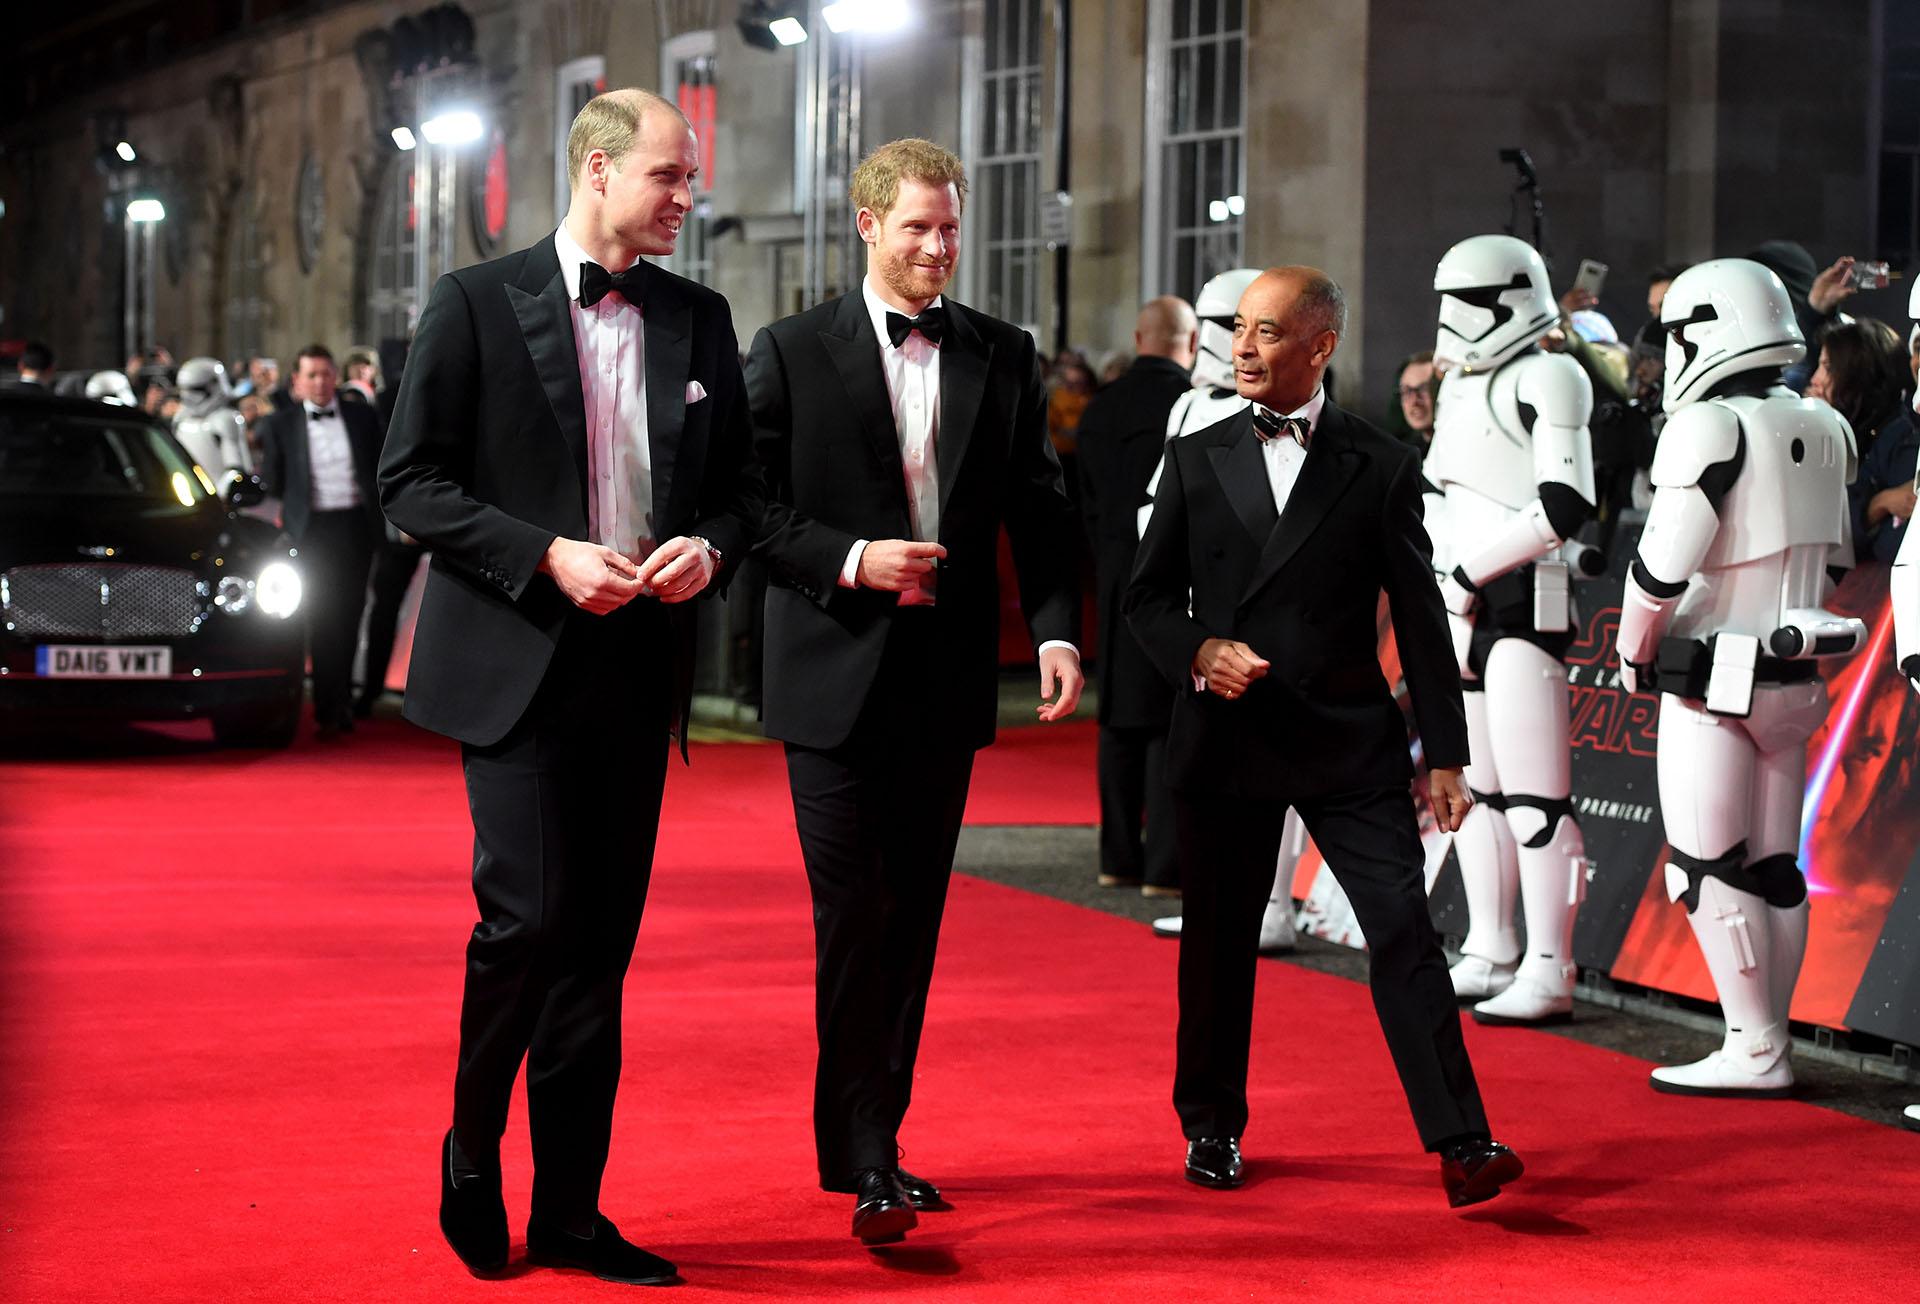 """La llegada de los príncipes William y Harry a la premiere europea de """"Star Wars: Los últimos Jedi' en el Royal Albert Hall"""